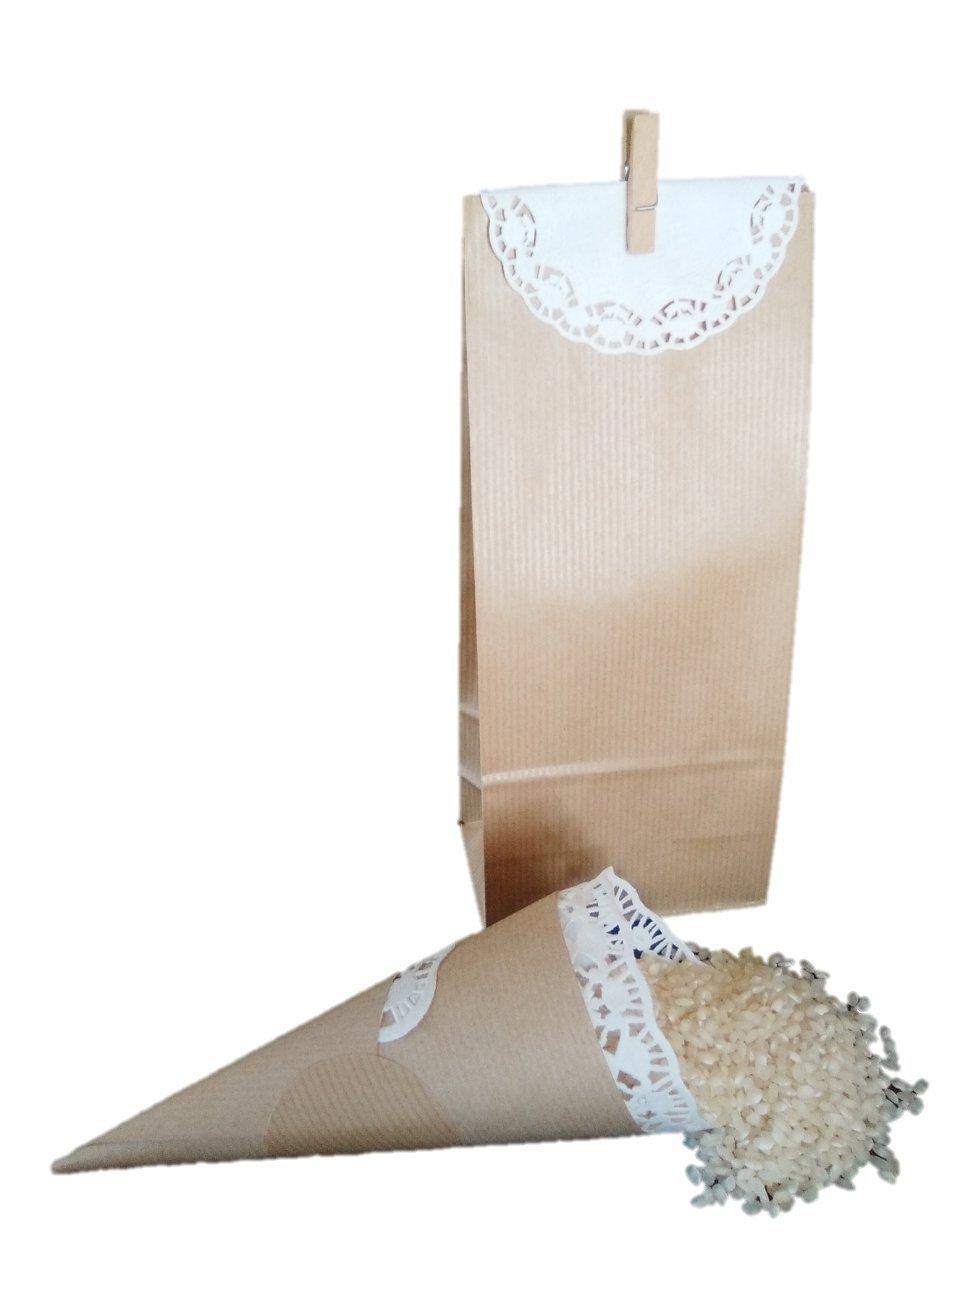 Conjunto Boda con Conos para arroz y bolsas para detalles (25)